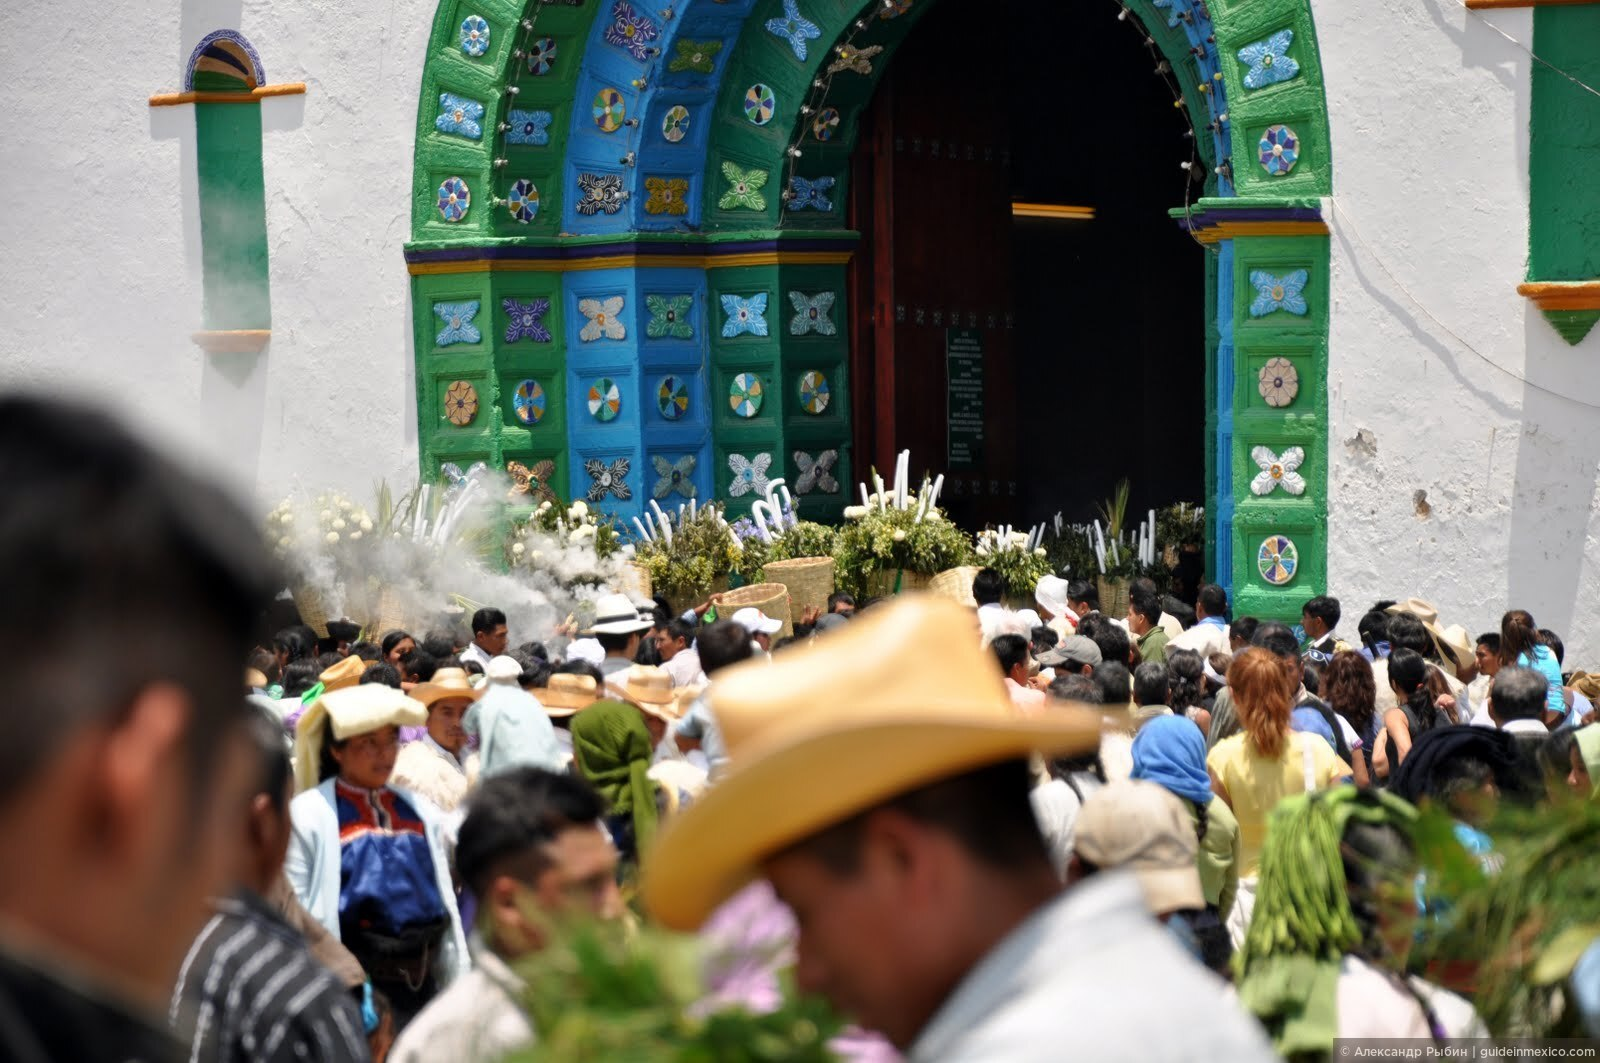 Хотите поучаствовать в настоящем празднике майя? Приезжайте в Сан Хуан Чамулу 24 июня!